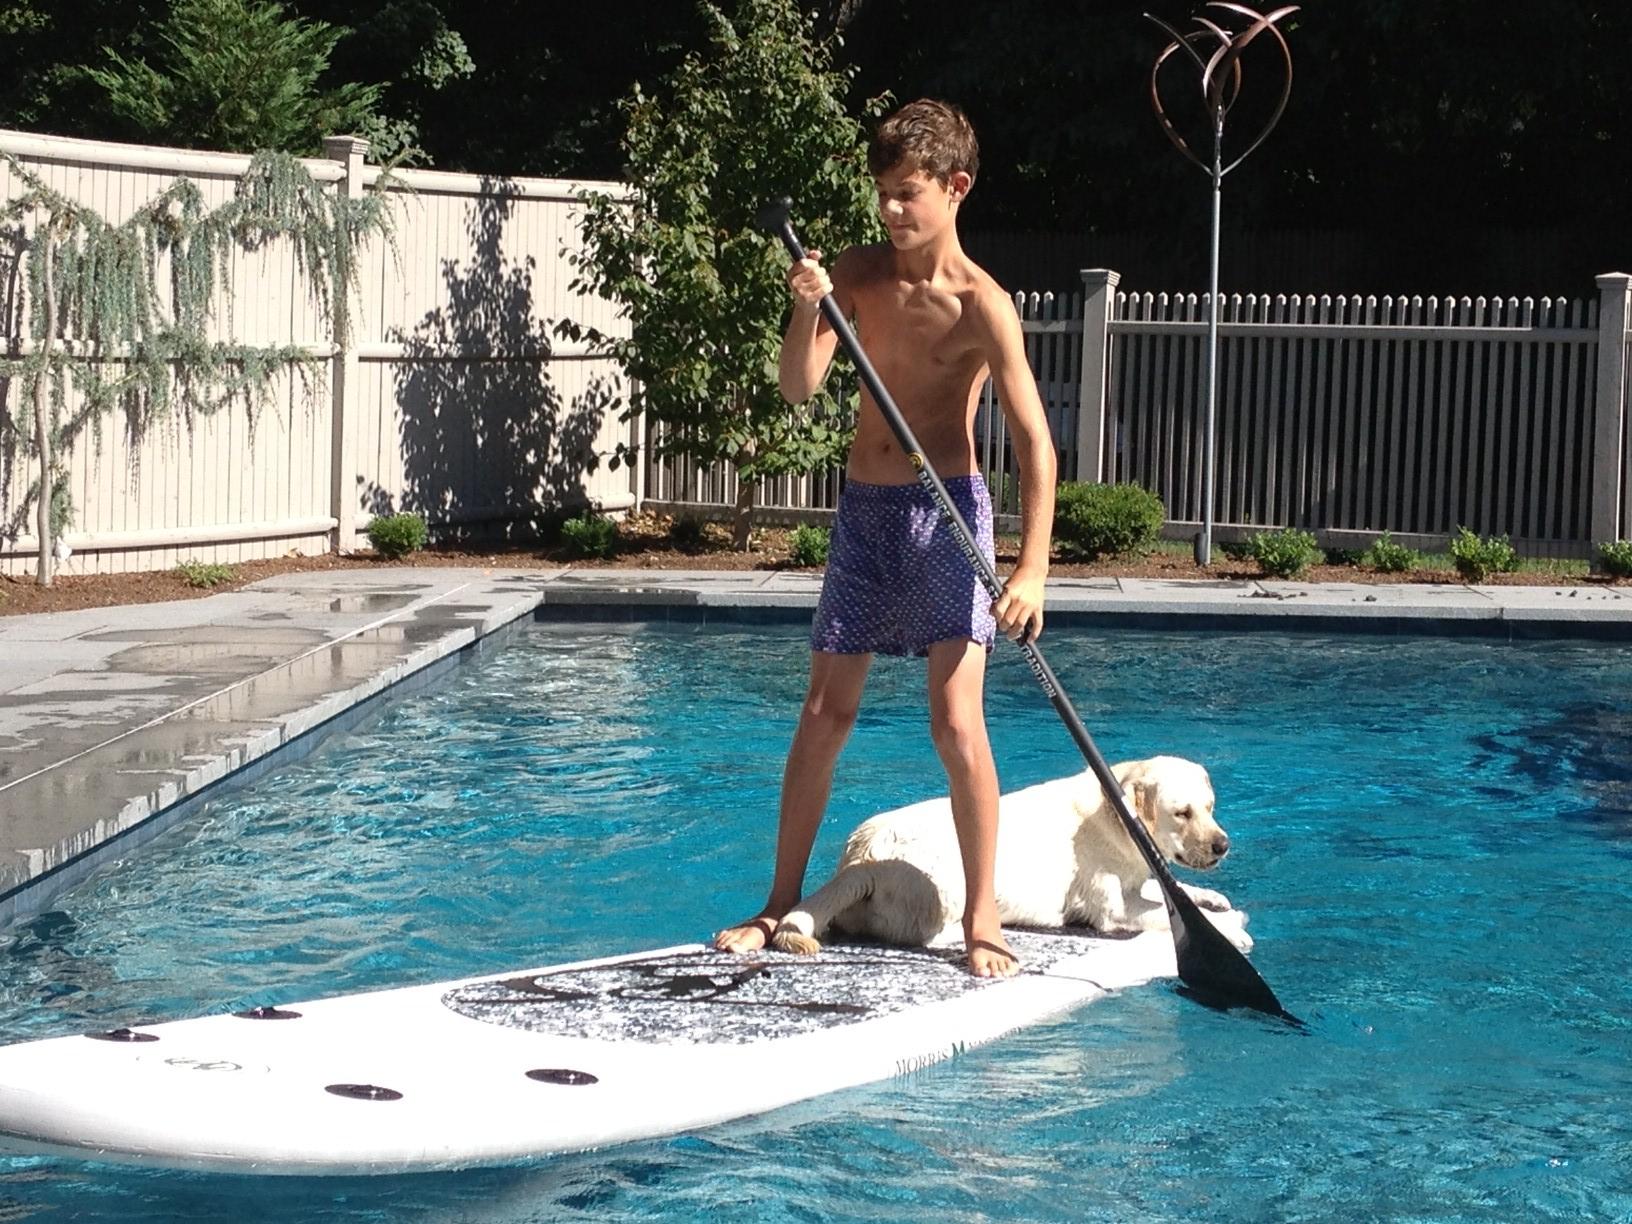 Morris-Yachts-paddleboard-5